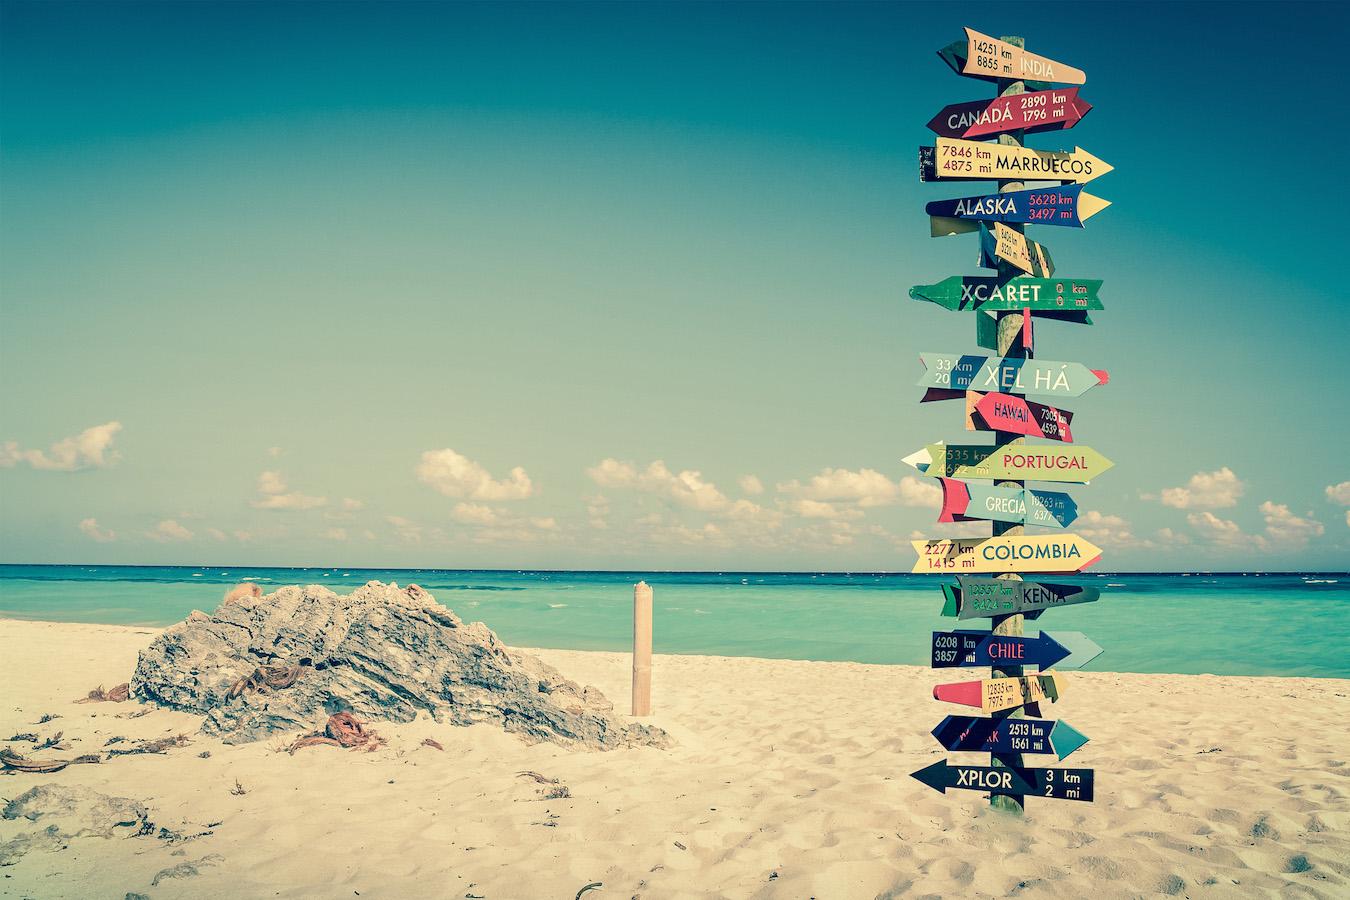 Spécial vacances : découvrez comment améliorer votre vie… en observant votre GPS !